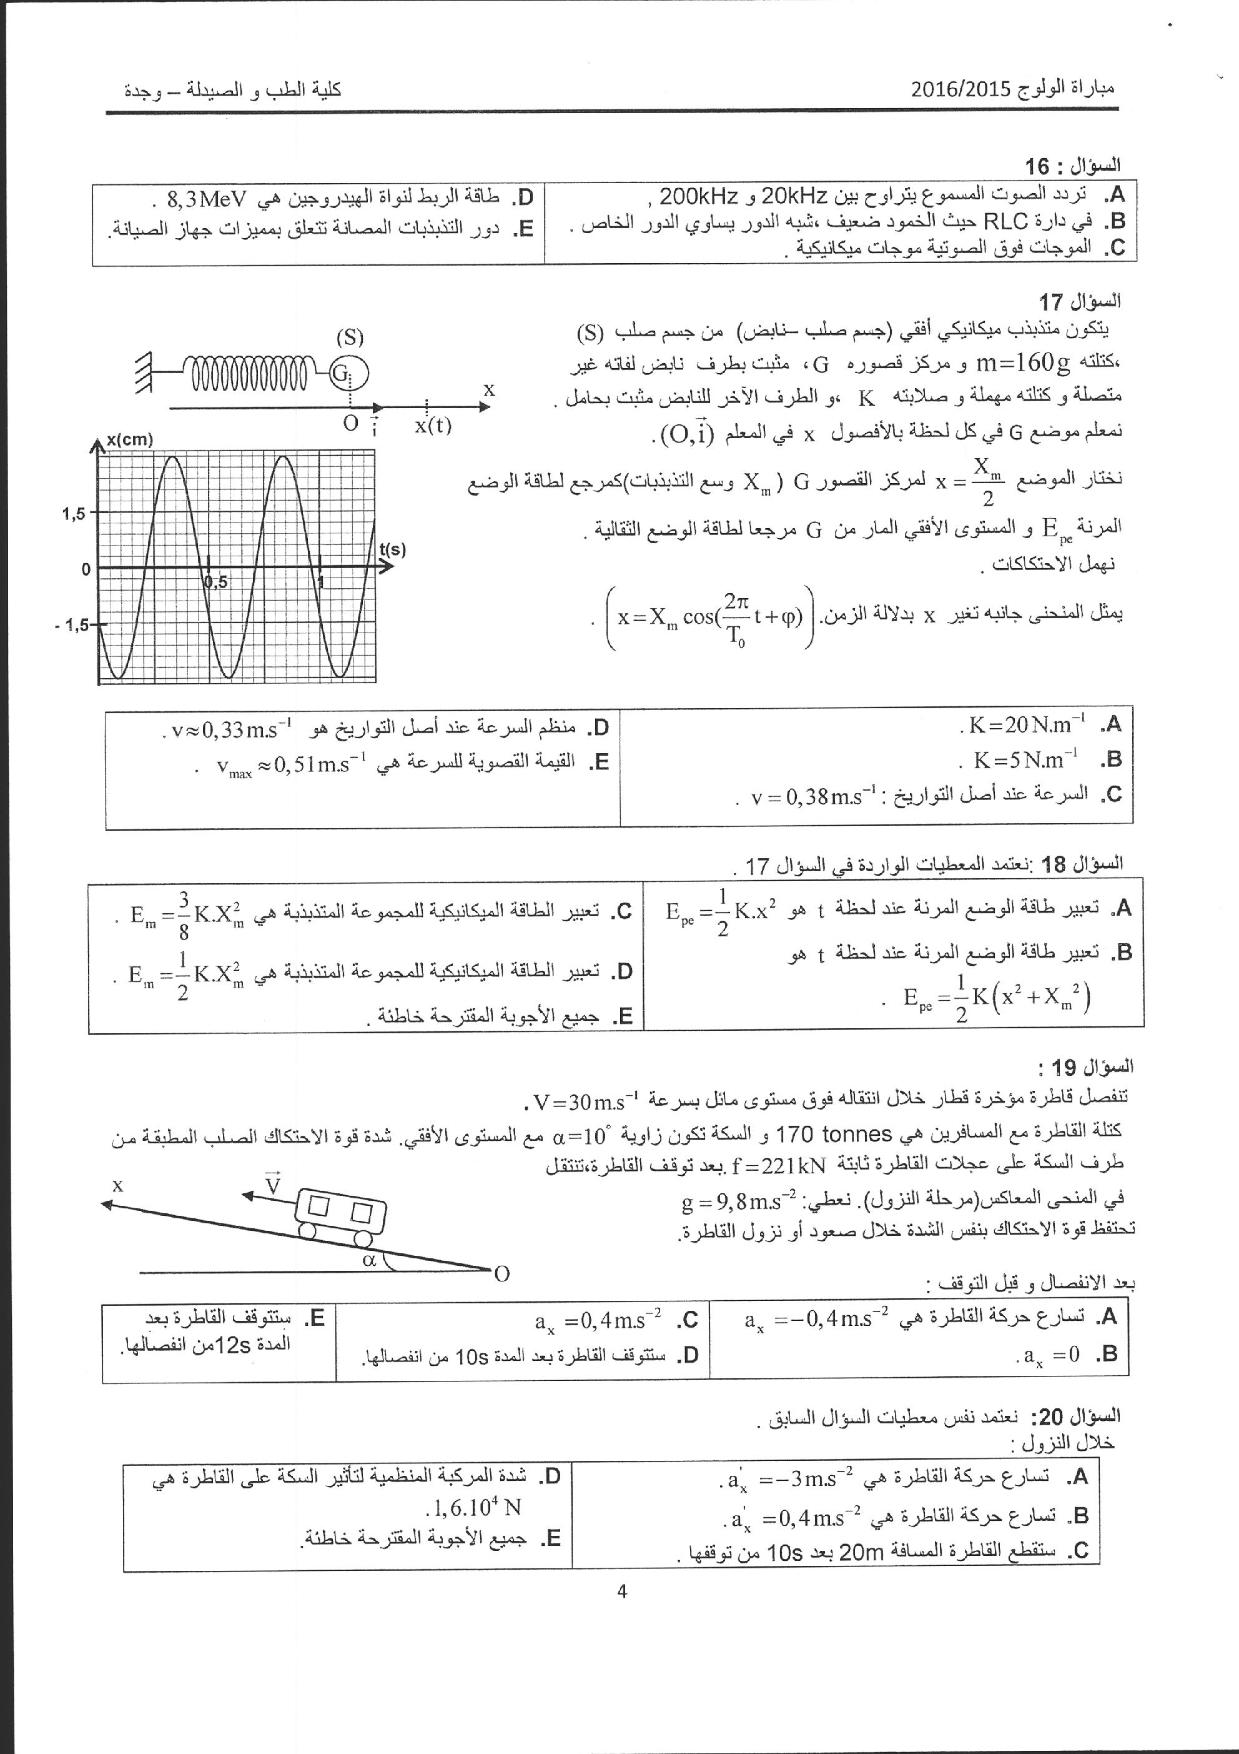 فيزياء كلية الطب بوجدة 2016